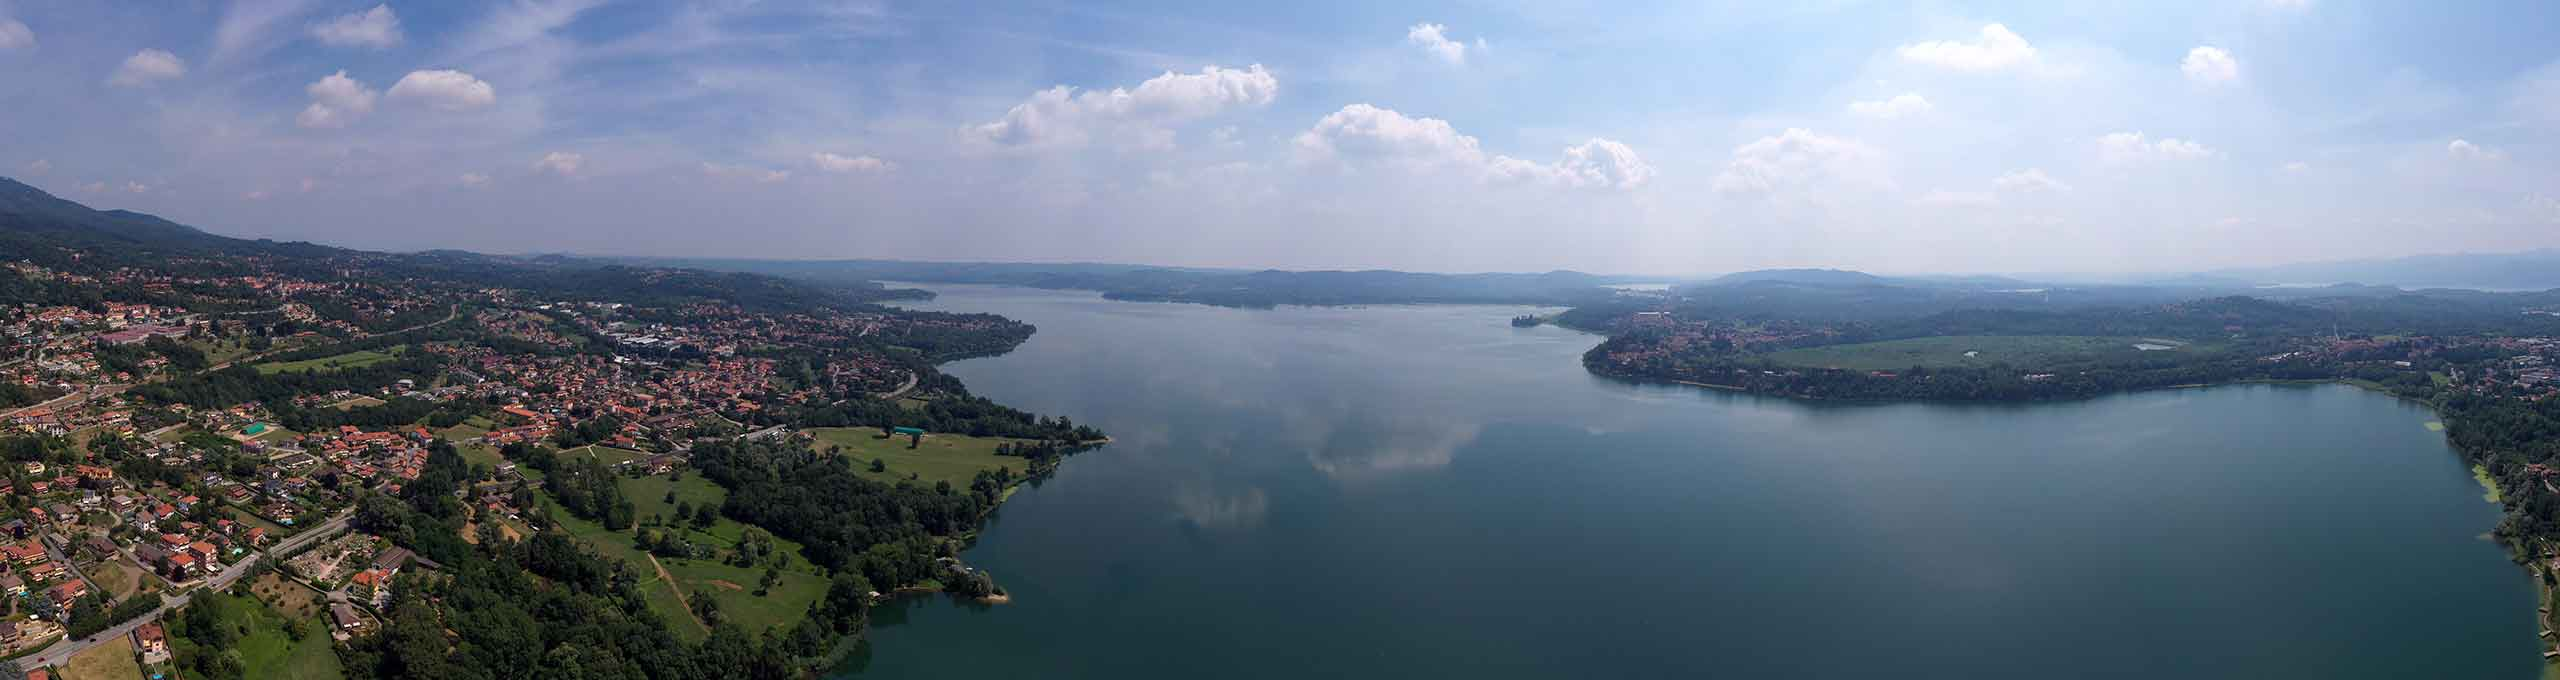 Biandronno, Lago di Varese